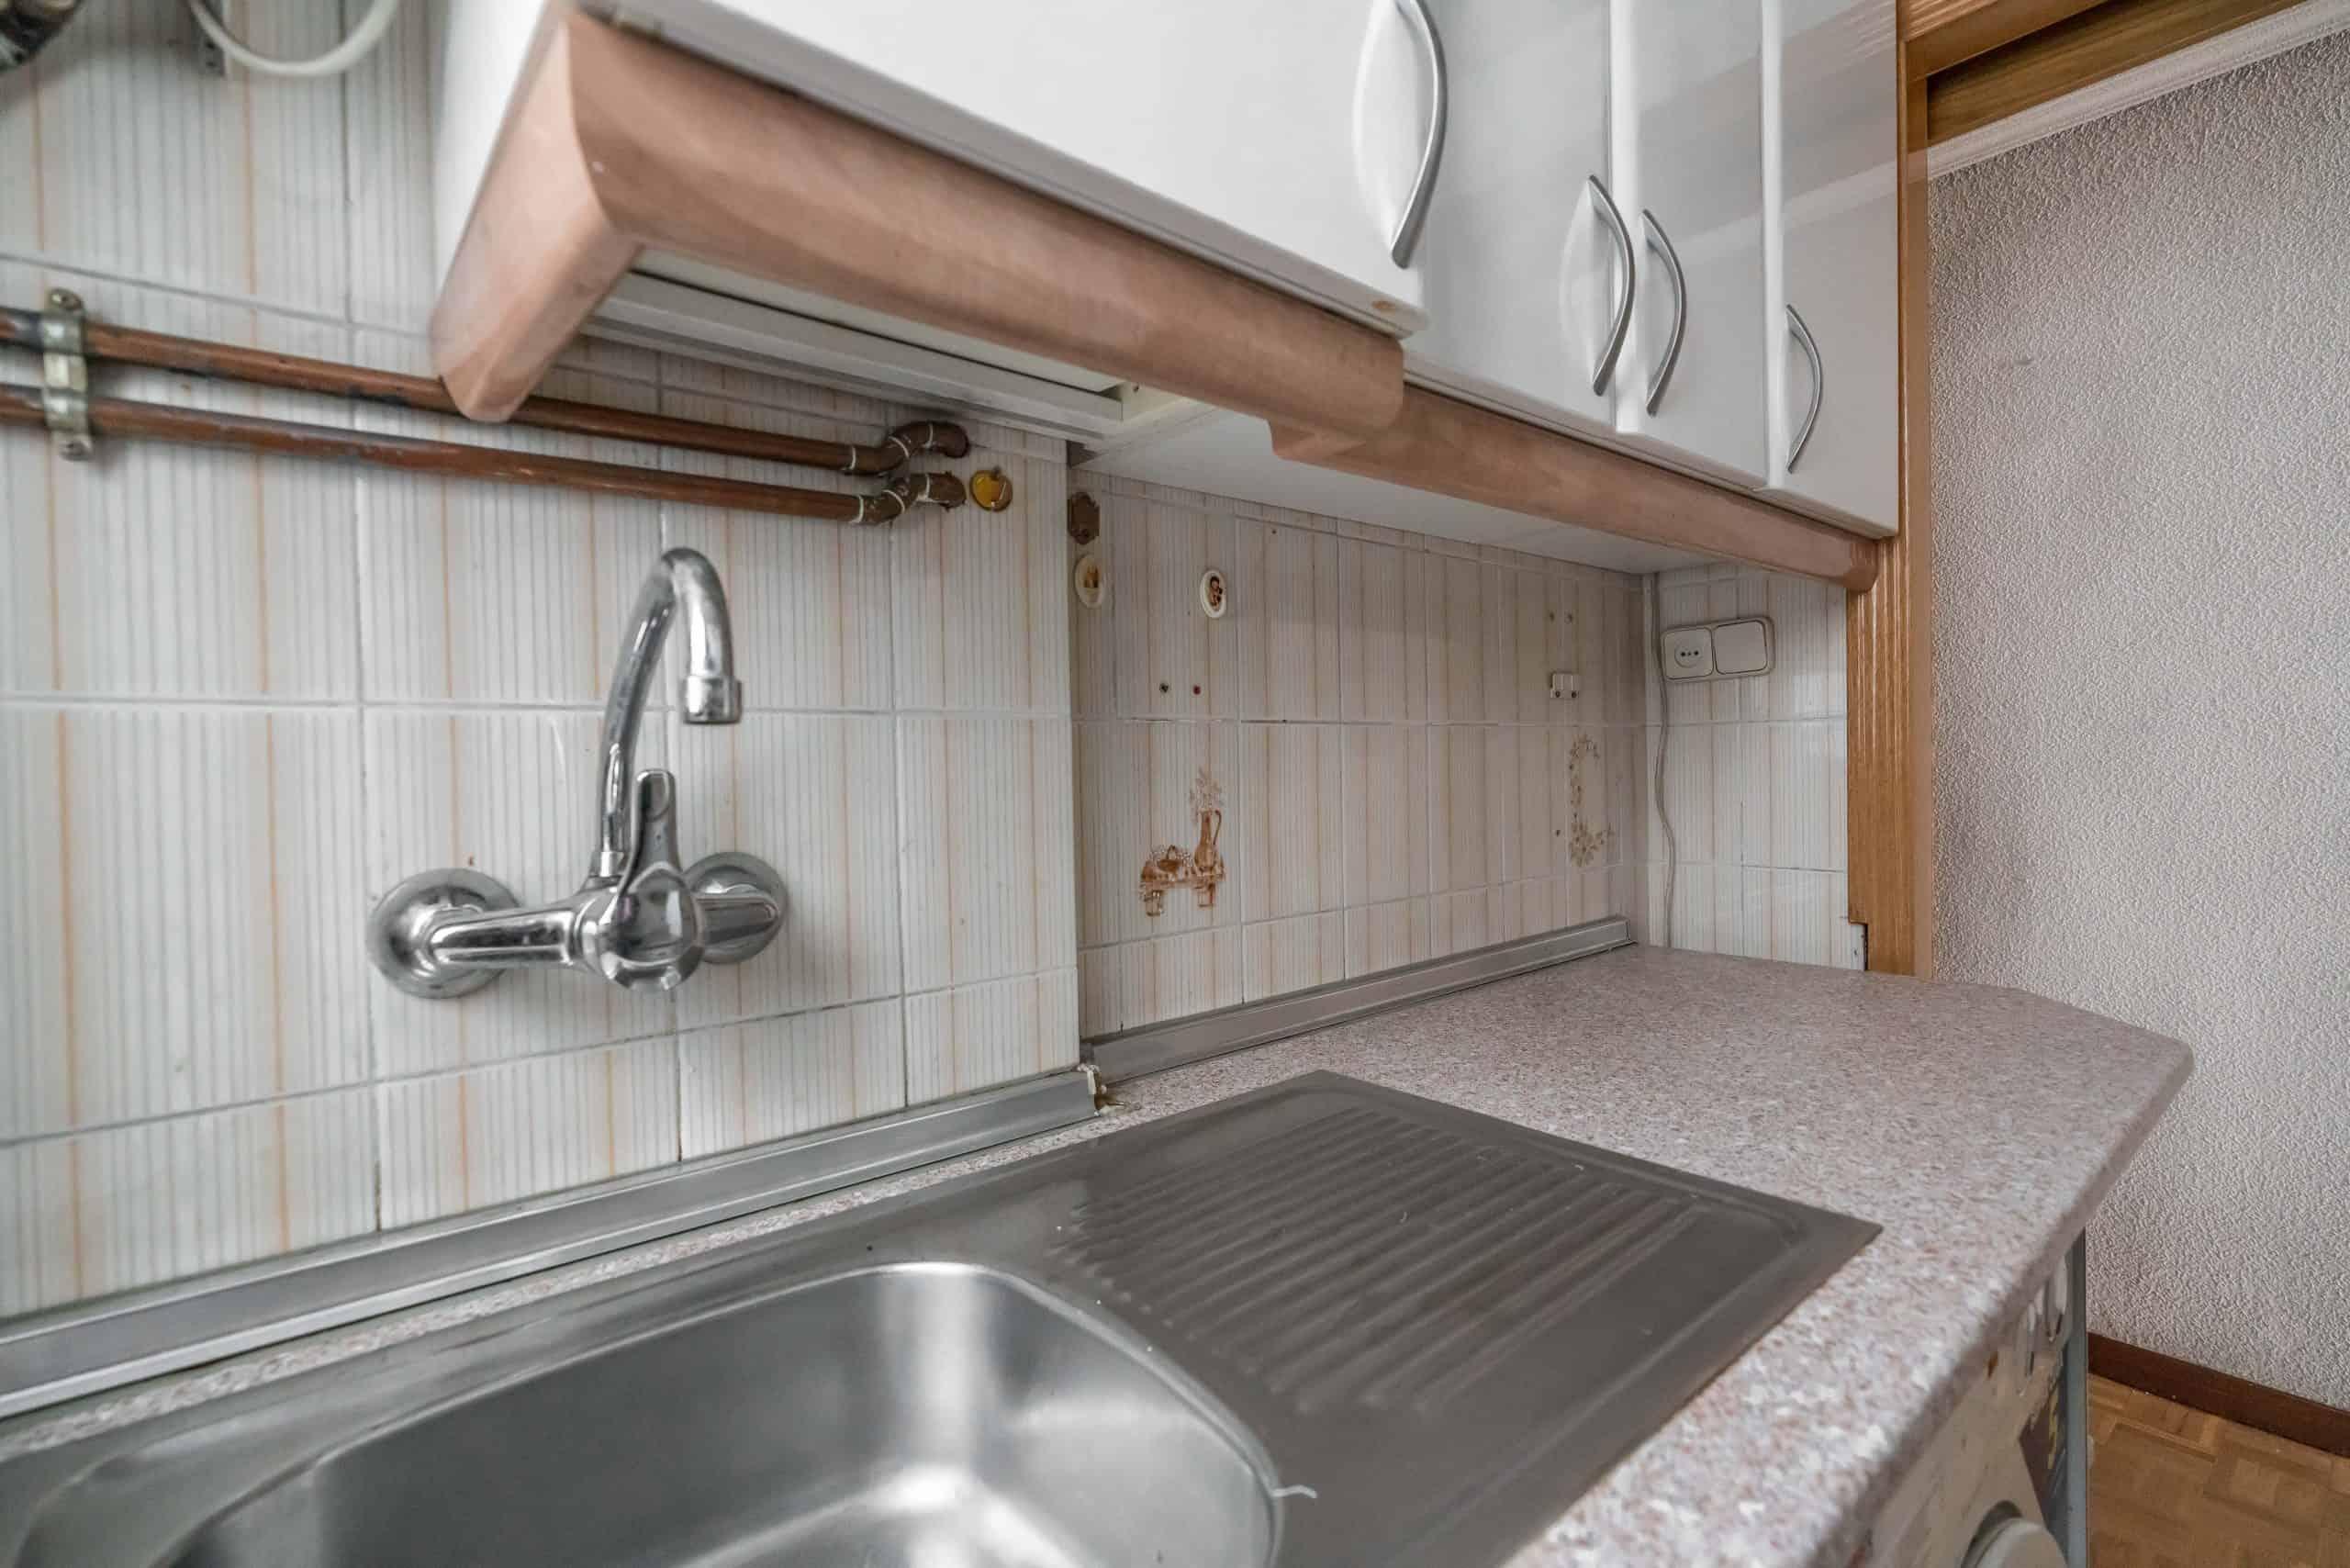 Agencia Inmobiliaria de Madrid-FUTUROCASA-Zona ARGANZUELA-EMBAJADORES-LEGAZPI -calle Guillermo de Osma 5 COCINA (6) (Copy)